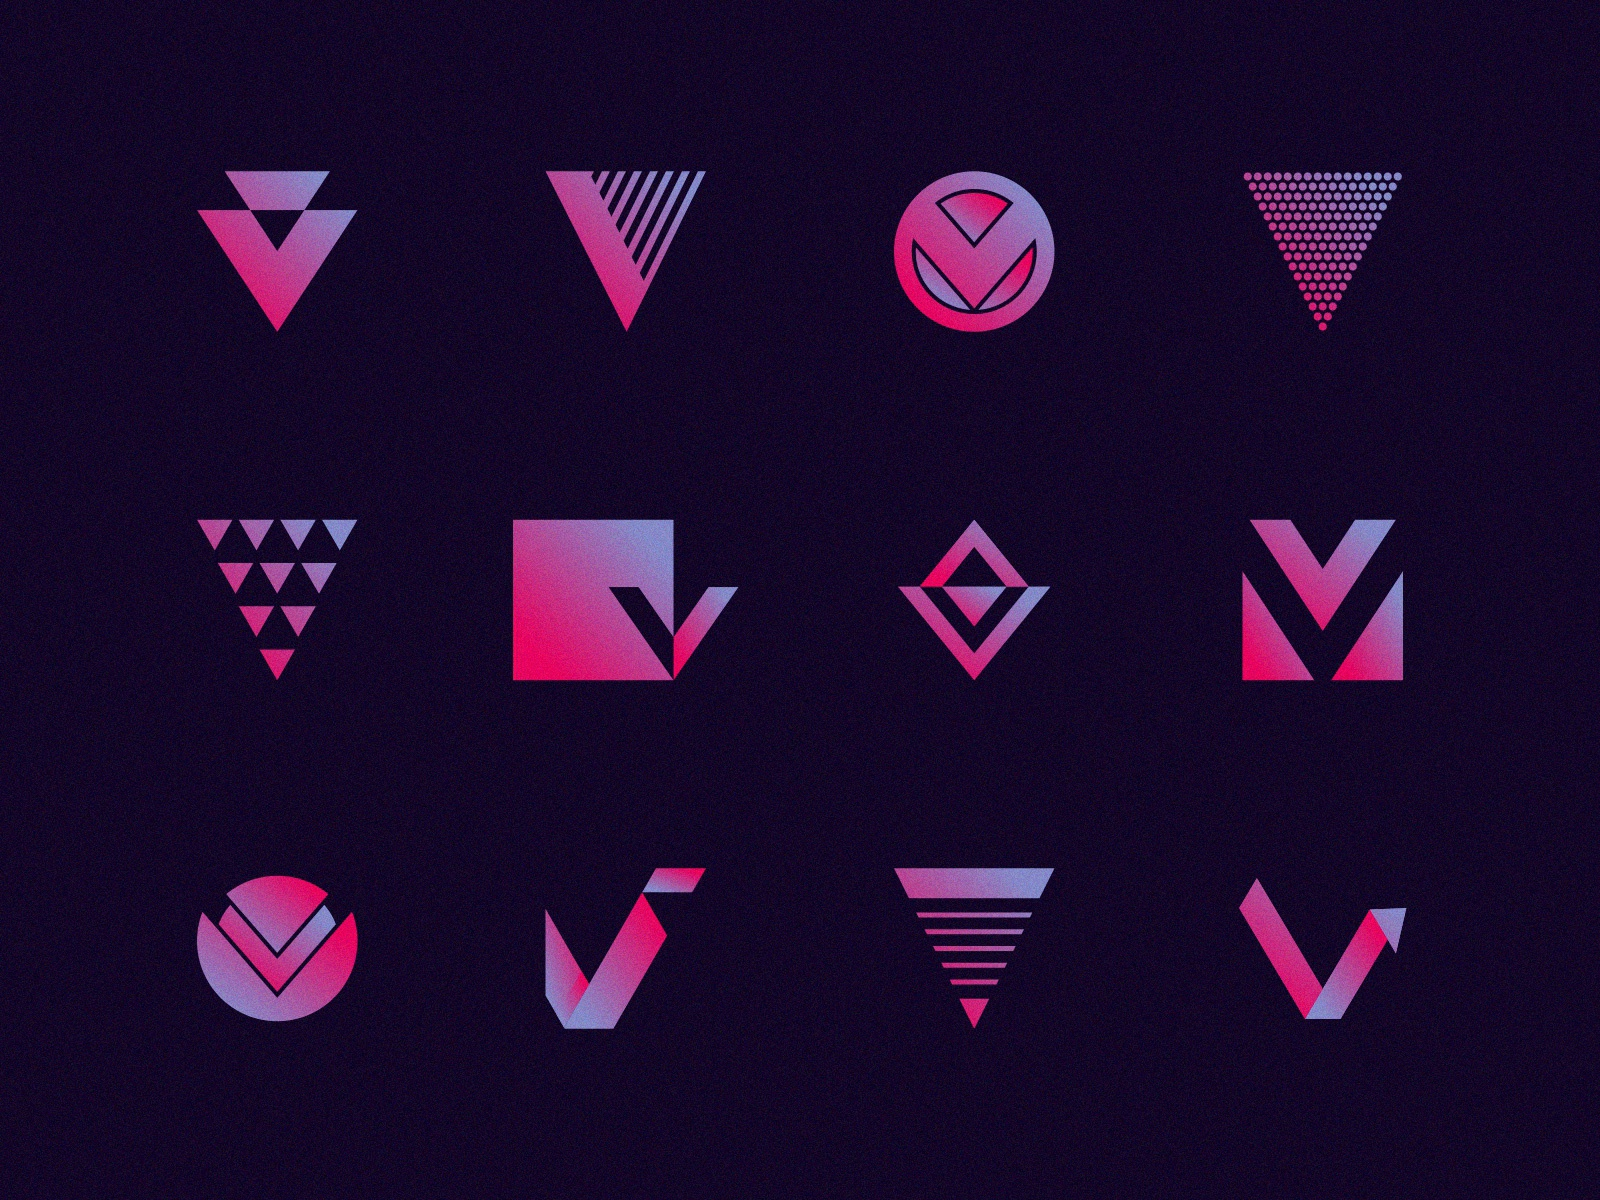 V's typography branding identity abstract purple designs gradient random various multiple logos illustration icon v logo logo monogram mark letter lettermark v